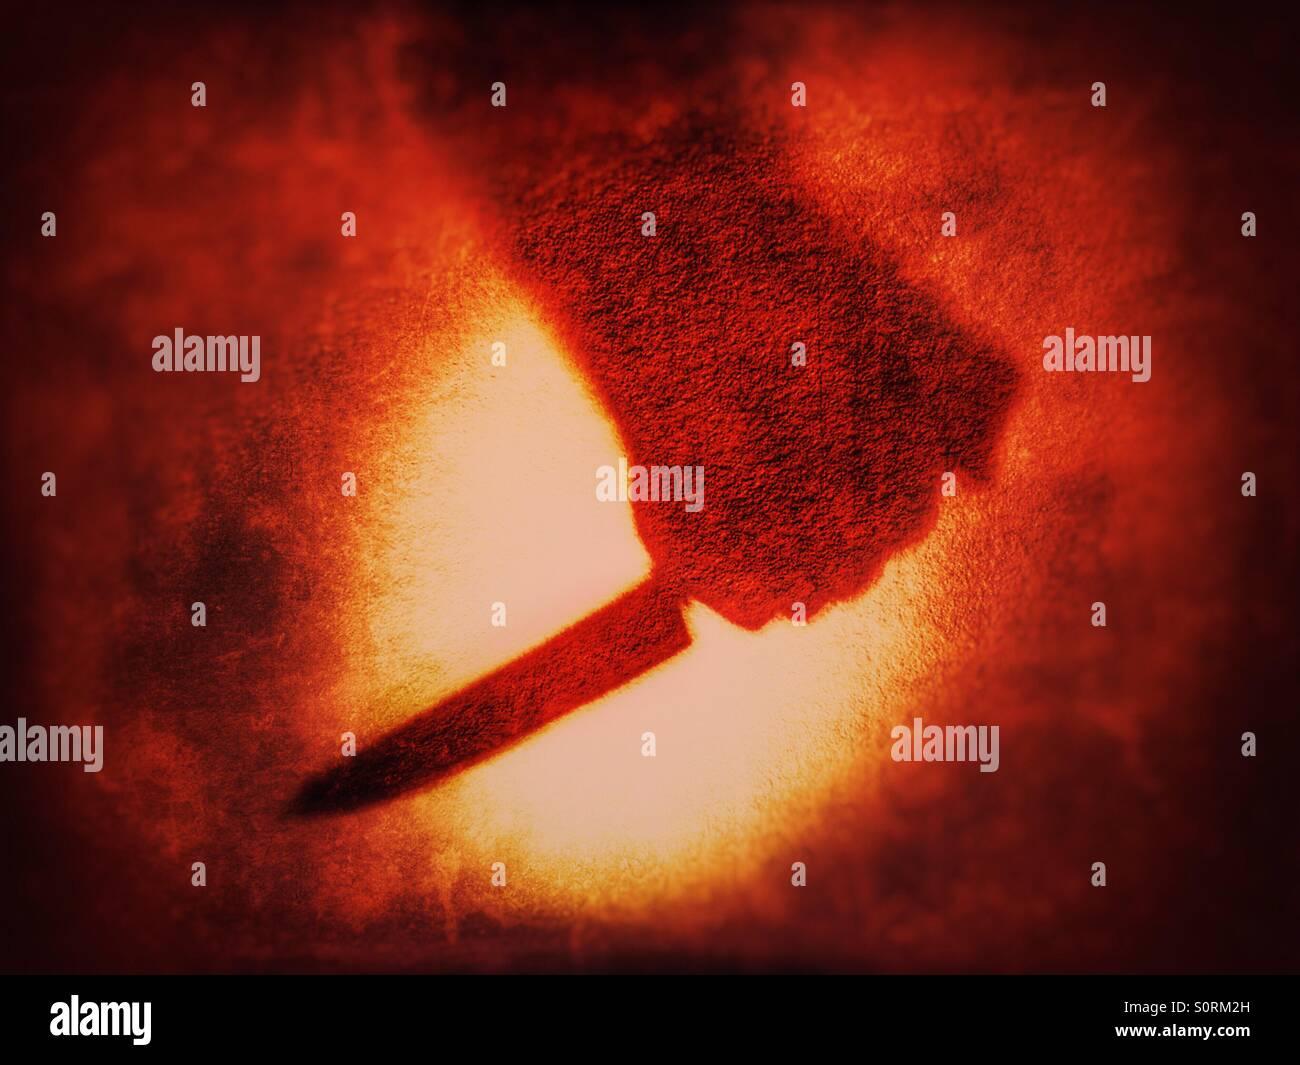 Sombra de mano agarrando la cuchilla contra el fondo rojo sangre Imagen De Stock